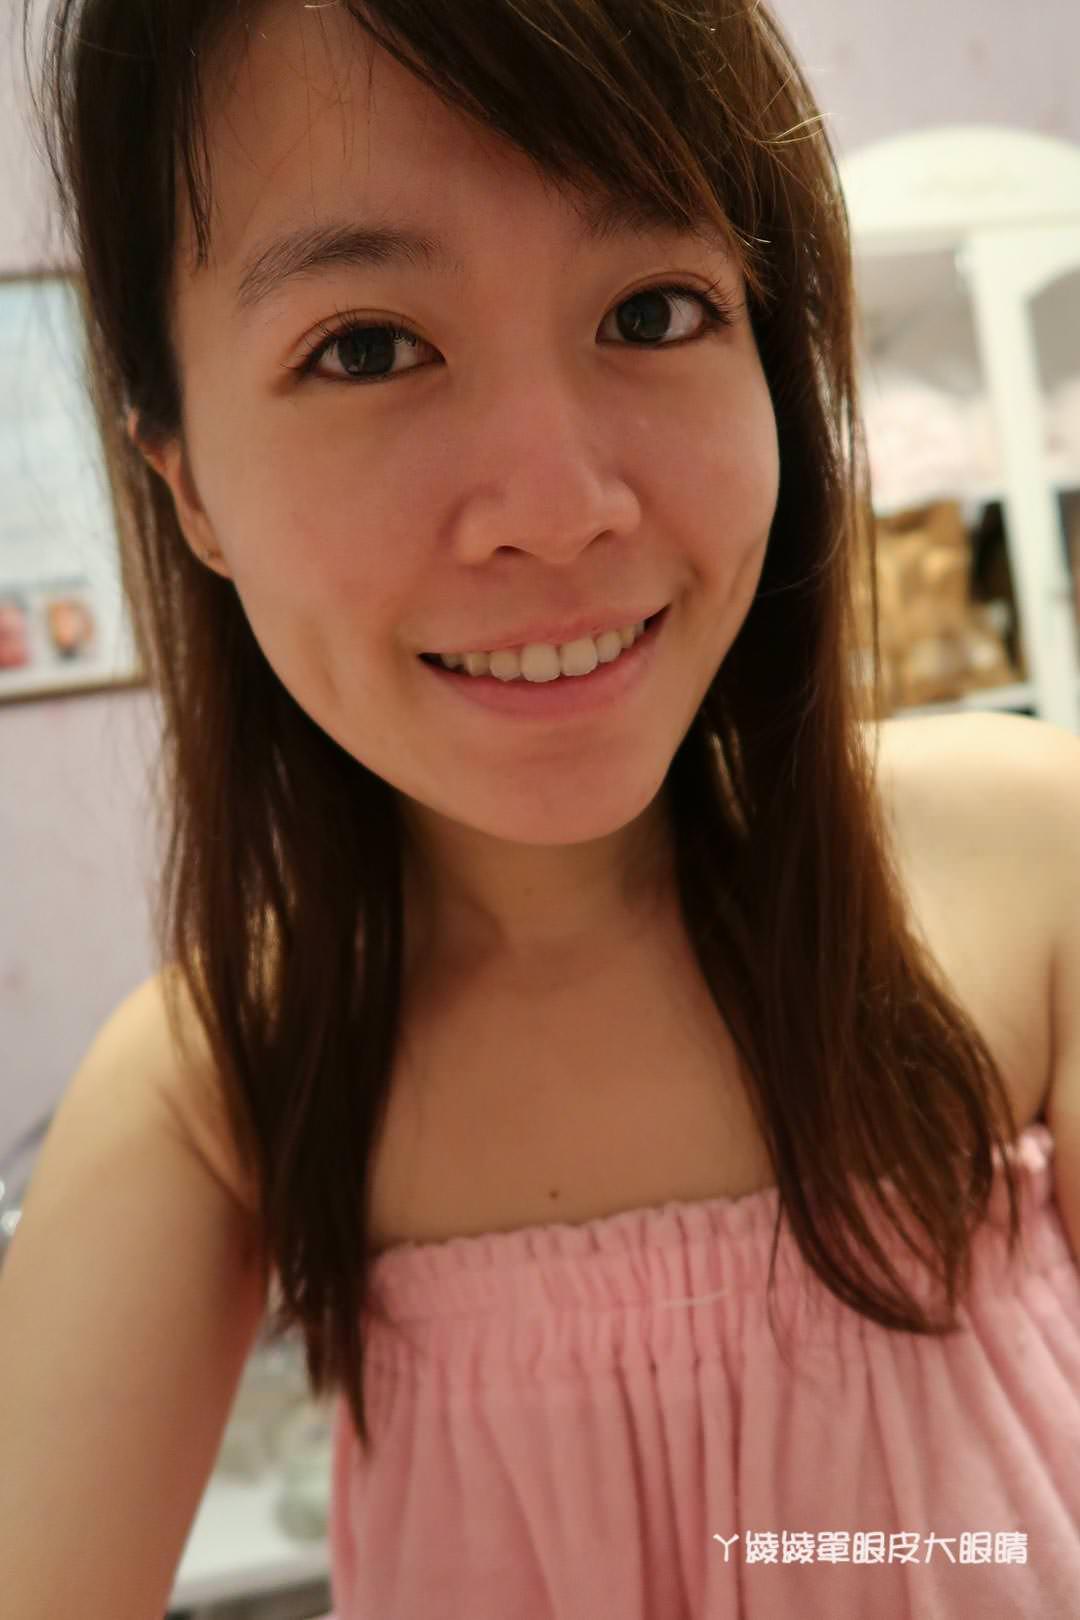 新竹臉部spa|王妃殿堂美麗生活會館 新源店,新竹東區美容美體